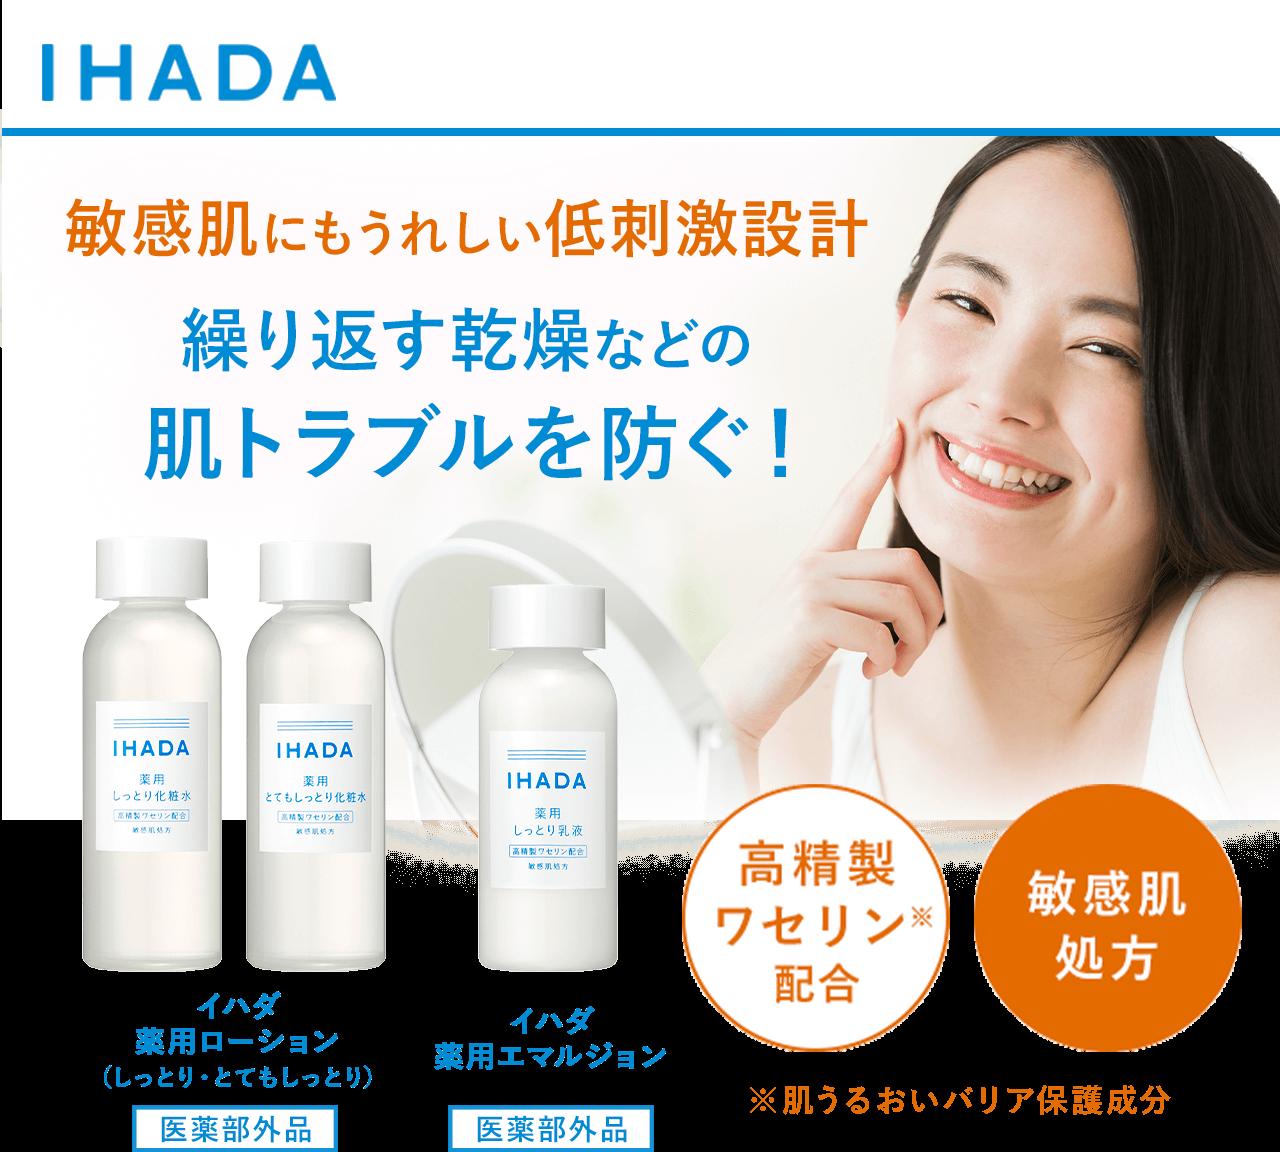 敏感肌にもうれしい低刺激設計 繰り返す乾燥などの肌トラブルを防ぐ!イハダ 薬用ローション イハダ 薬用エマルジョン